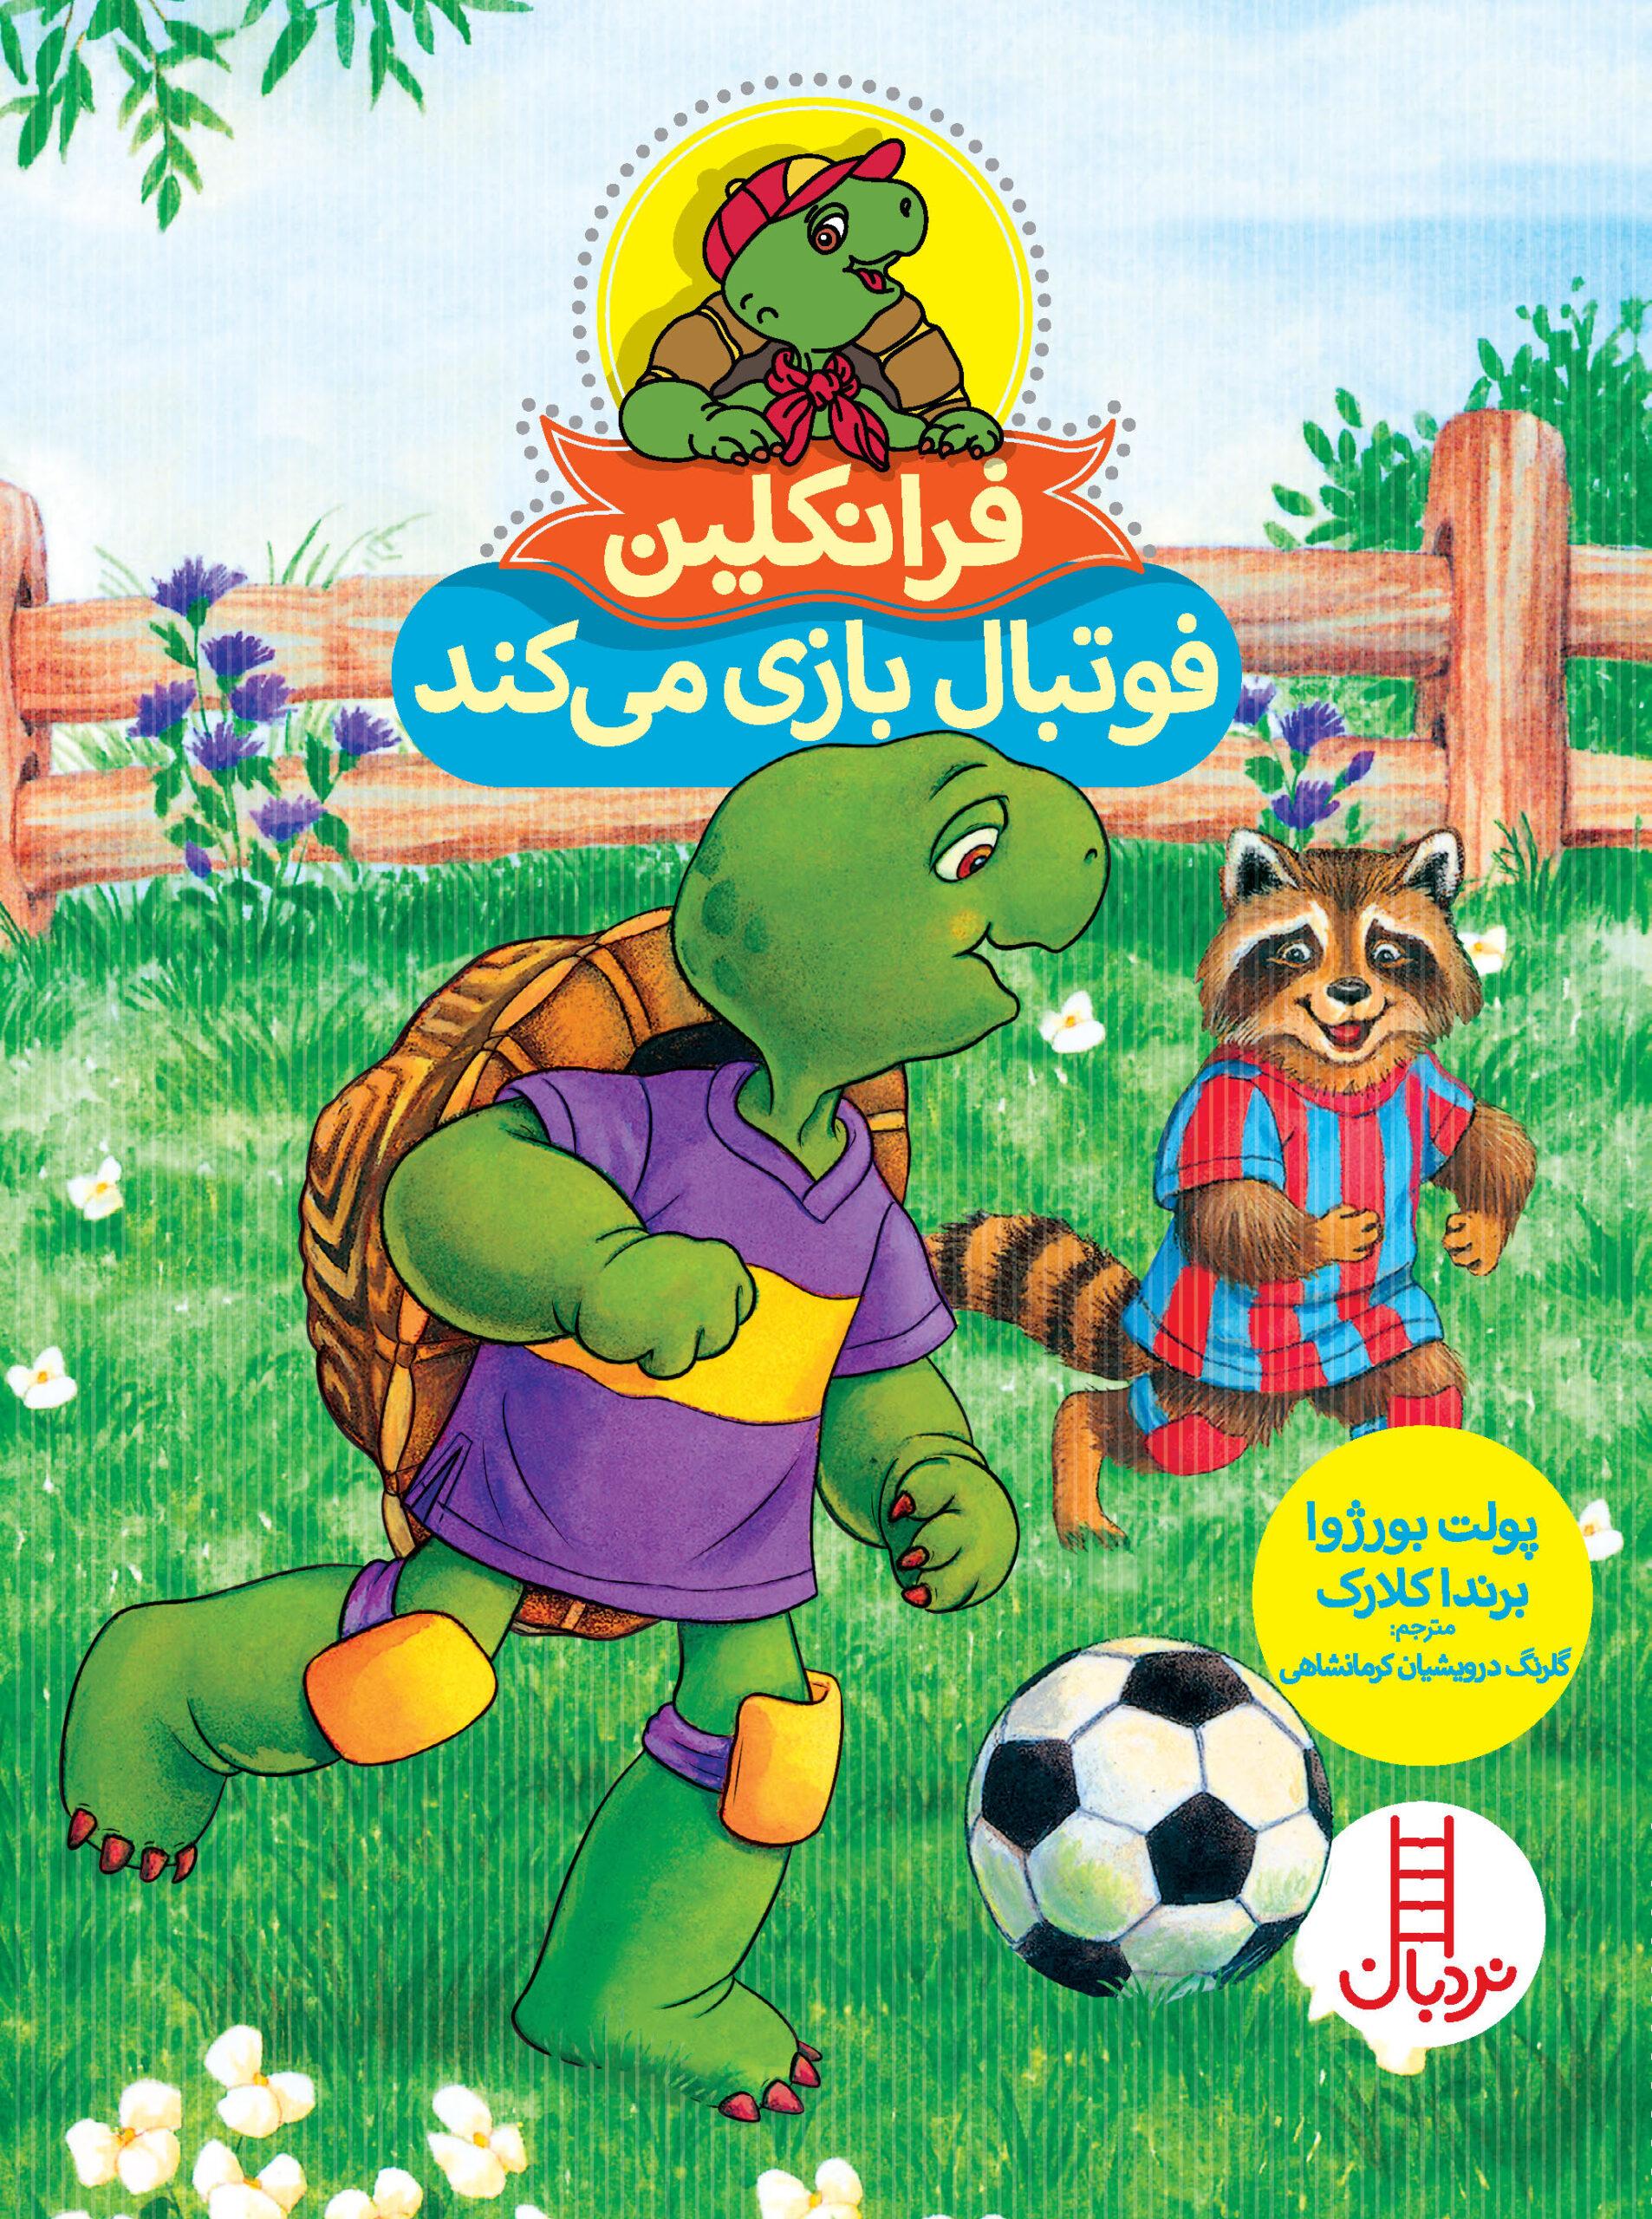 فرانکلین فوتبال بازی میکند